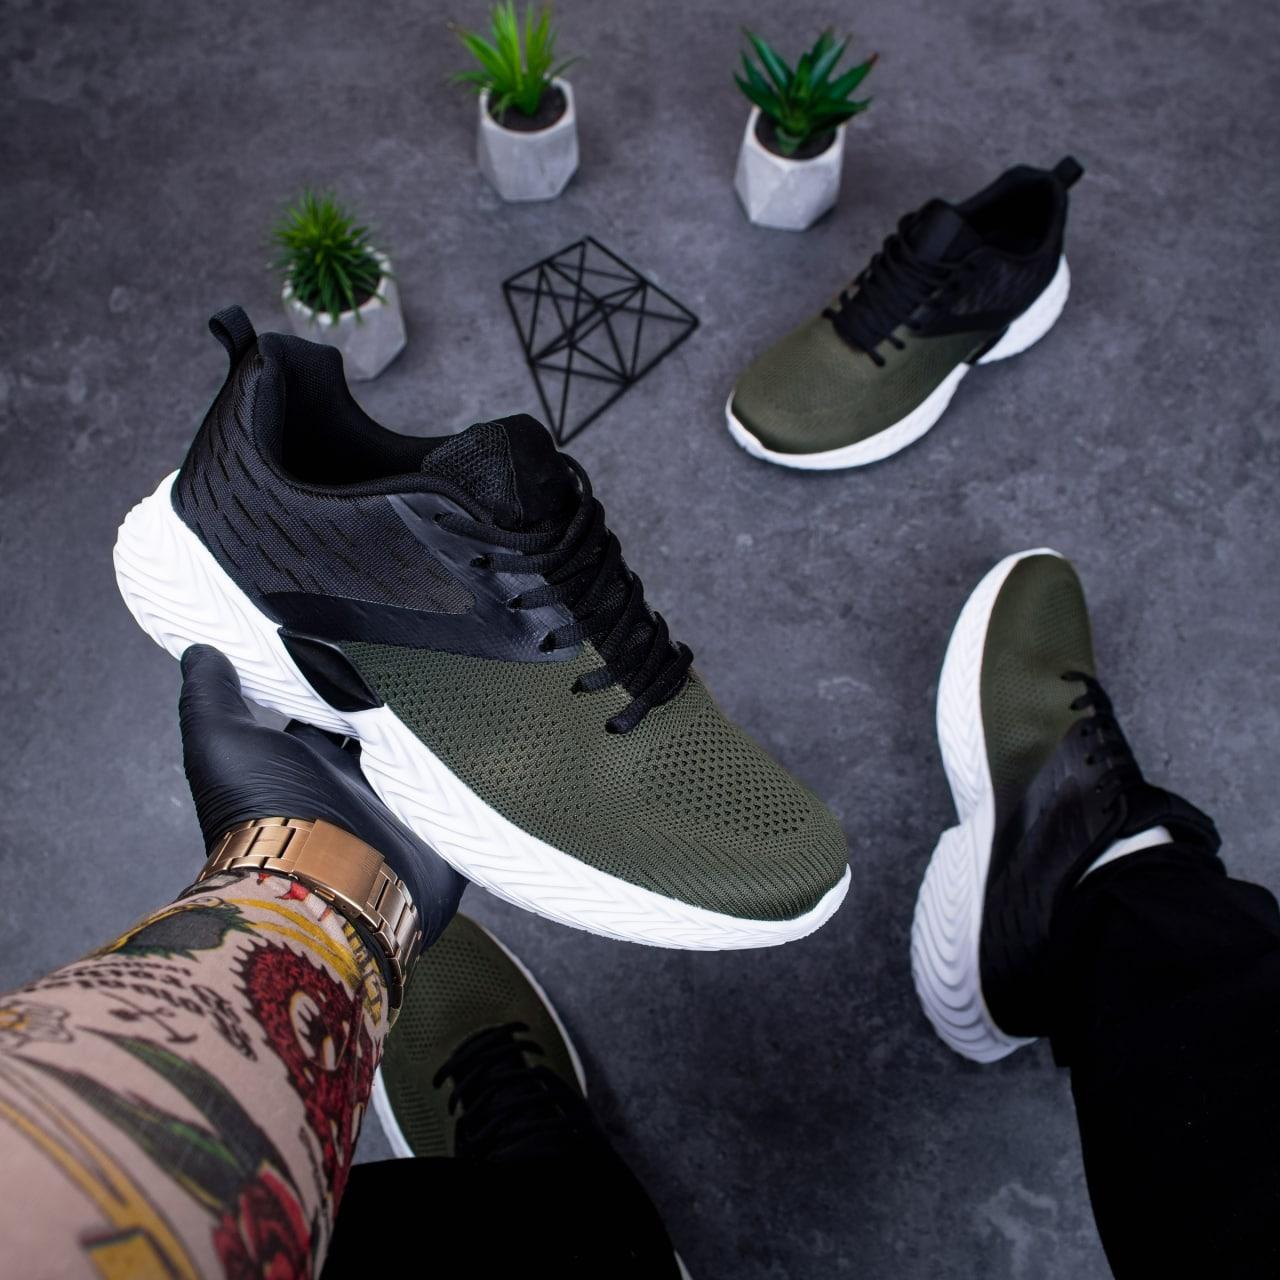 Мужские кроссовки Ривал Пикок (хаки-черные)41-45